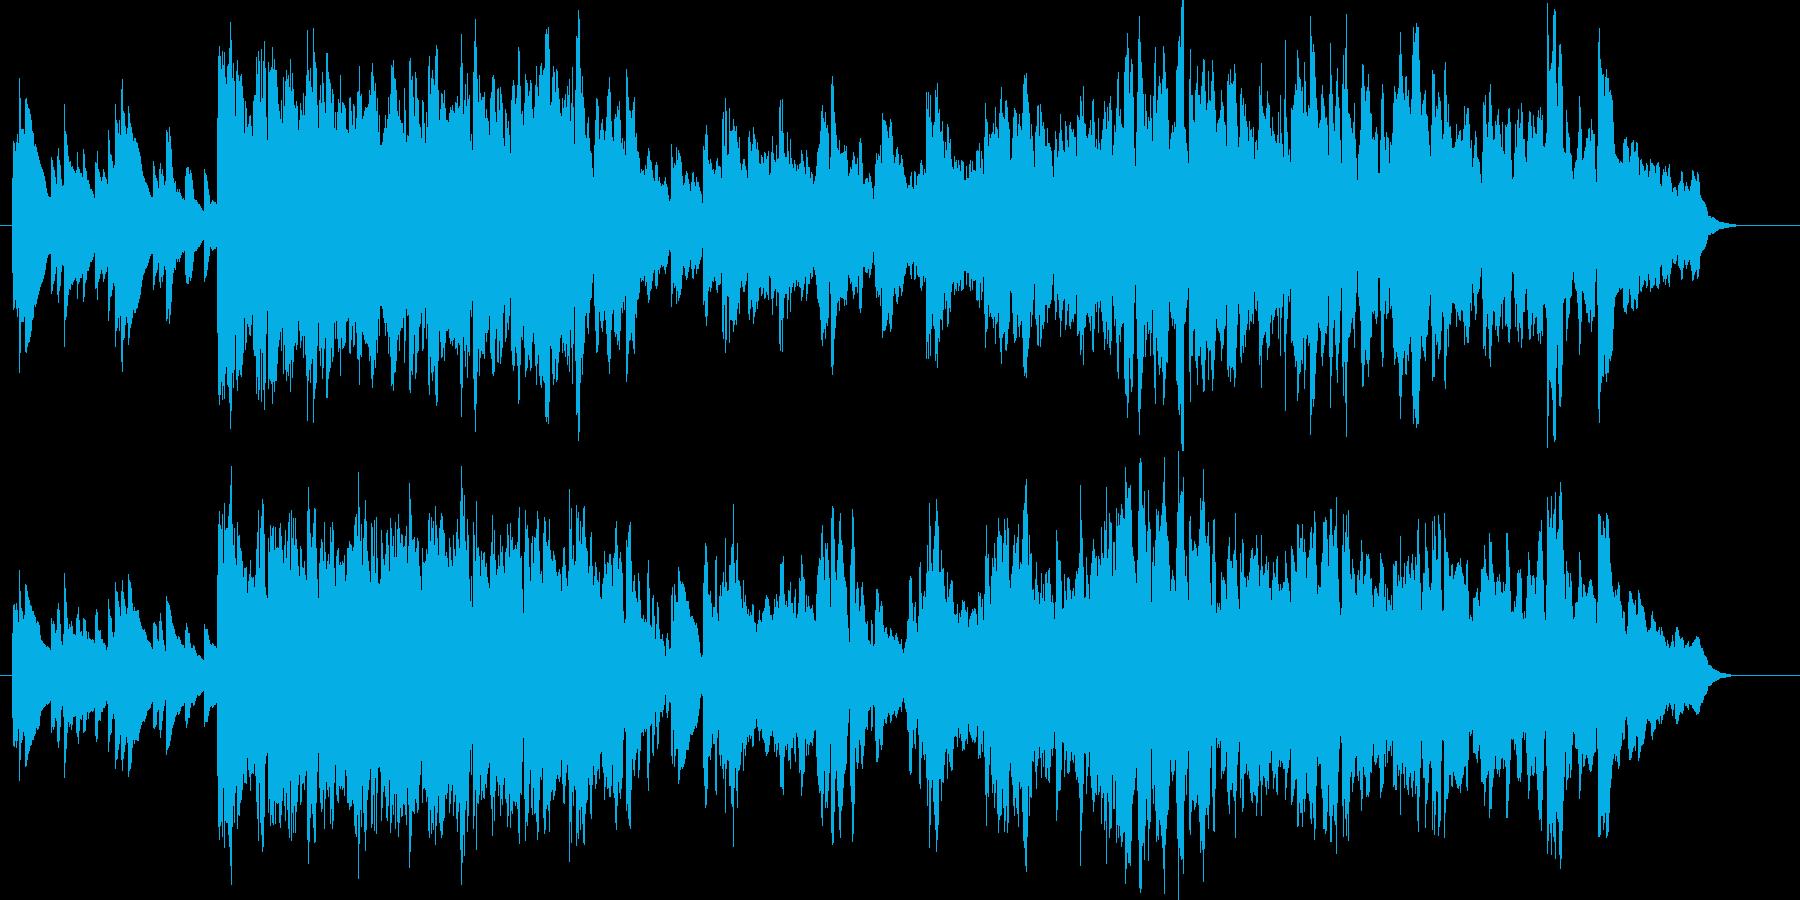 ピアノの明るい伴奏が基調の軽快な曲です。の再生済みの波形